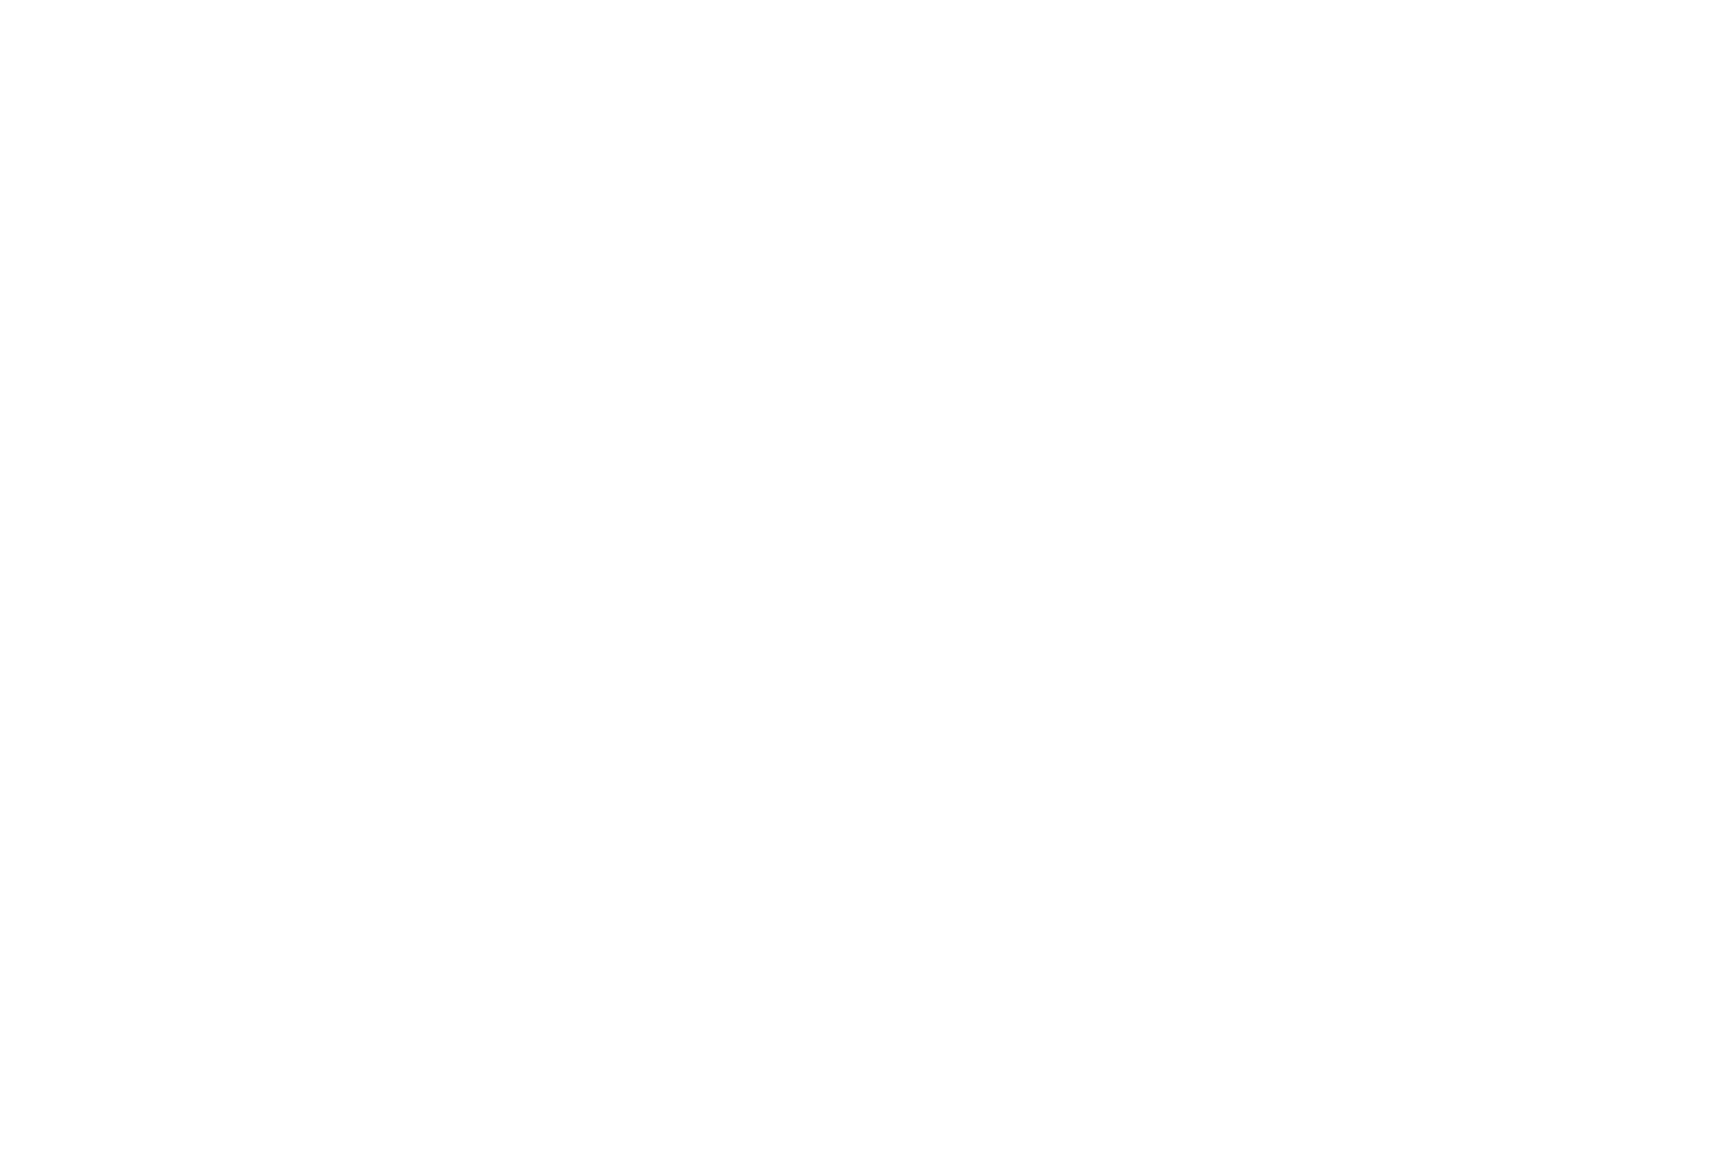 FINALIST-Pasadena-International-Film-Festival-2020